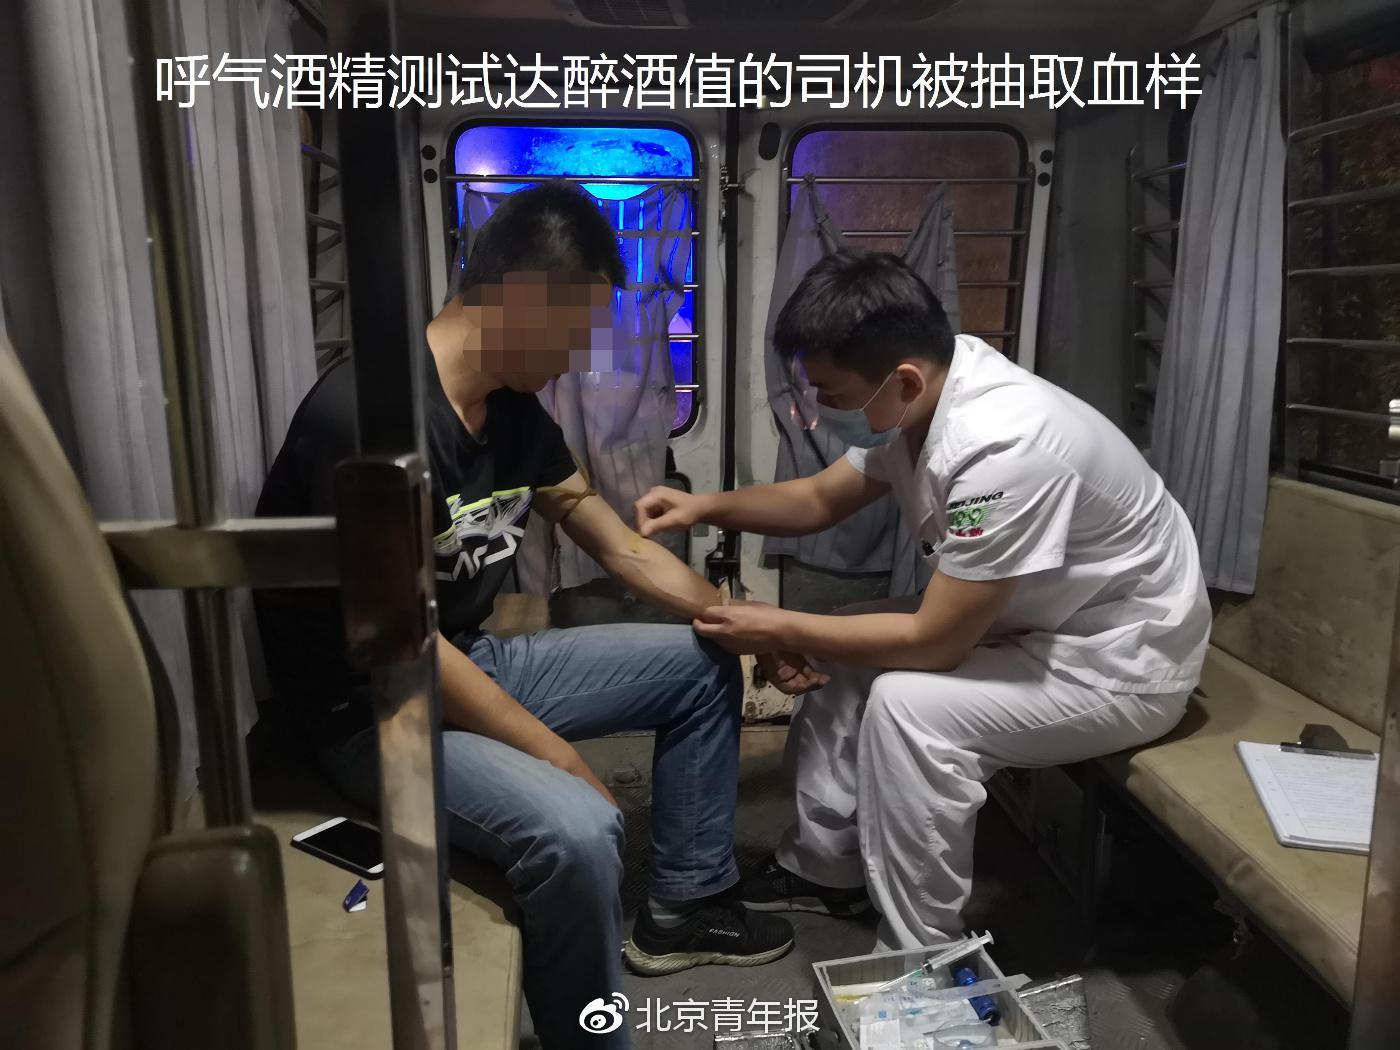 世界杯开赛过半 北京昌平192名司机酒驾落网